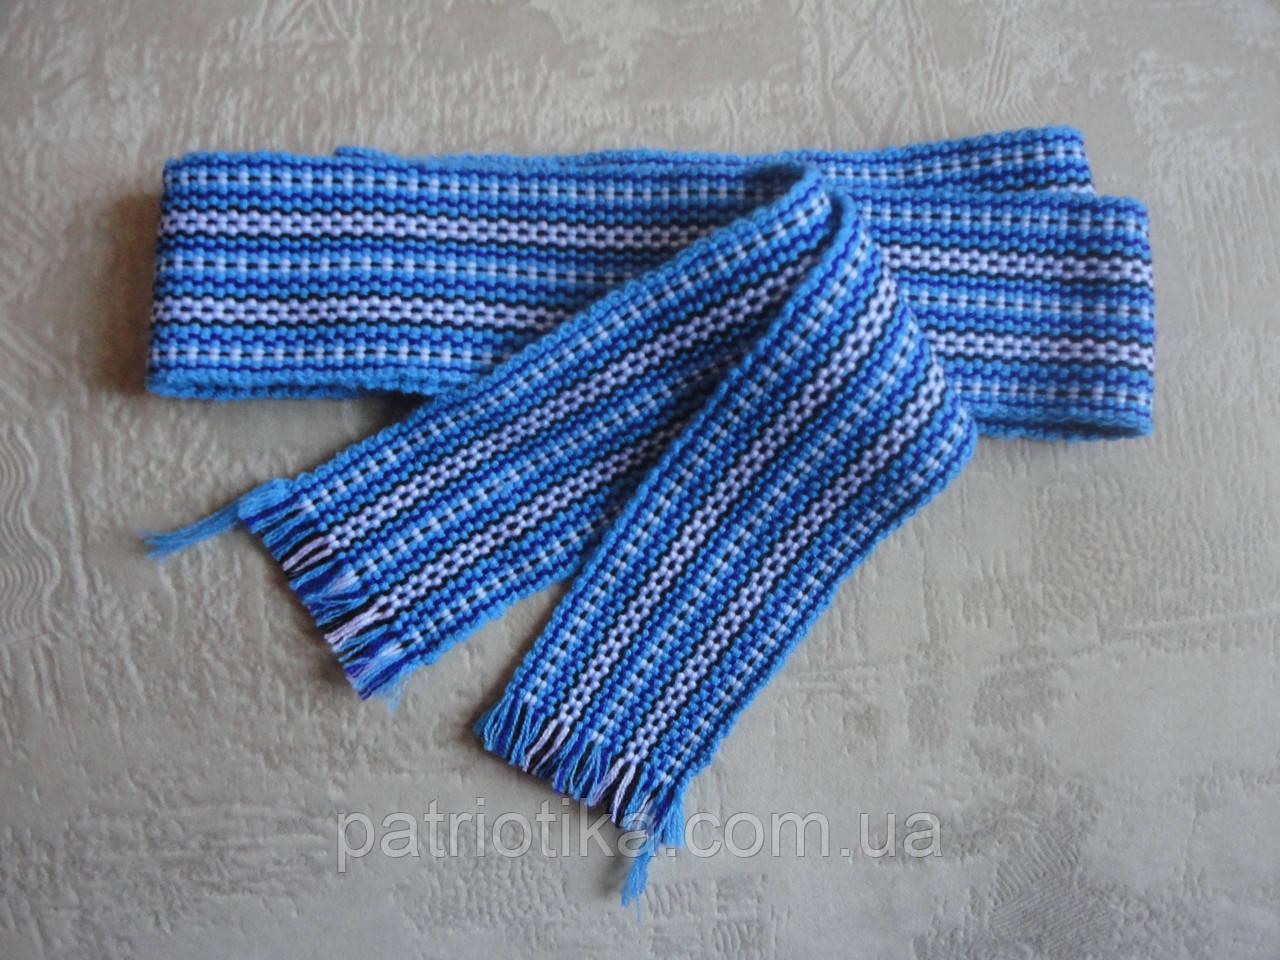 Пояс тканный взрослый синий | Пояс тканний дорослий синій